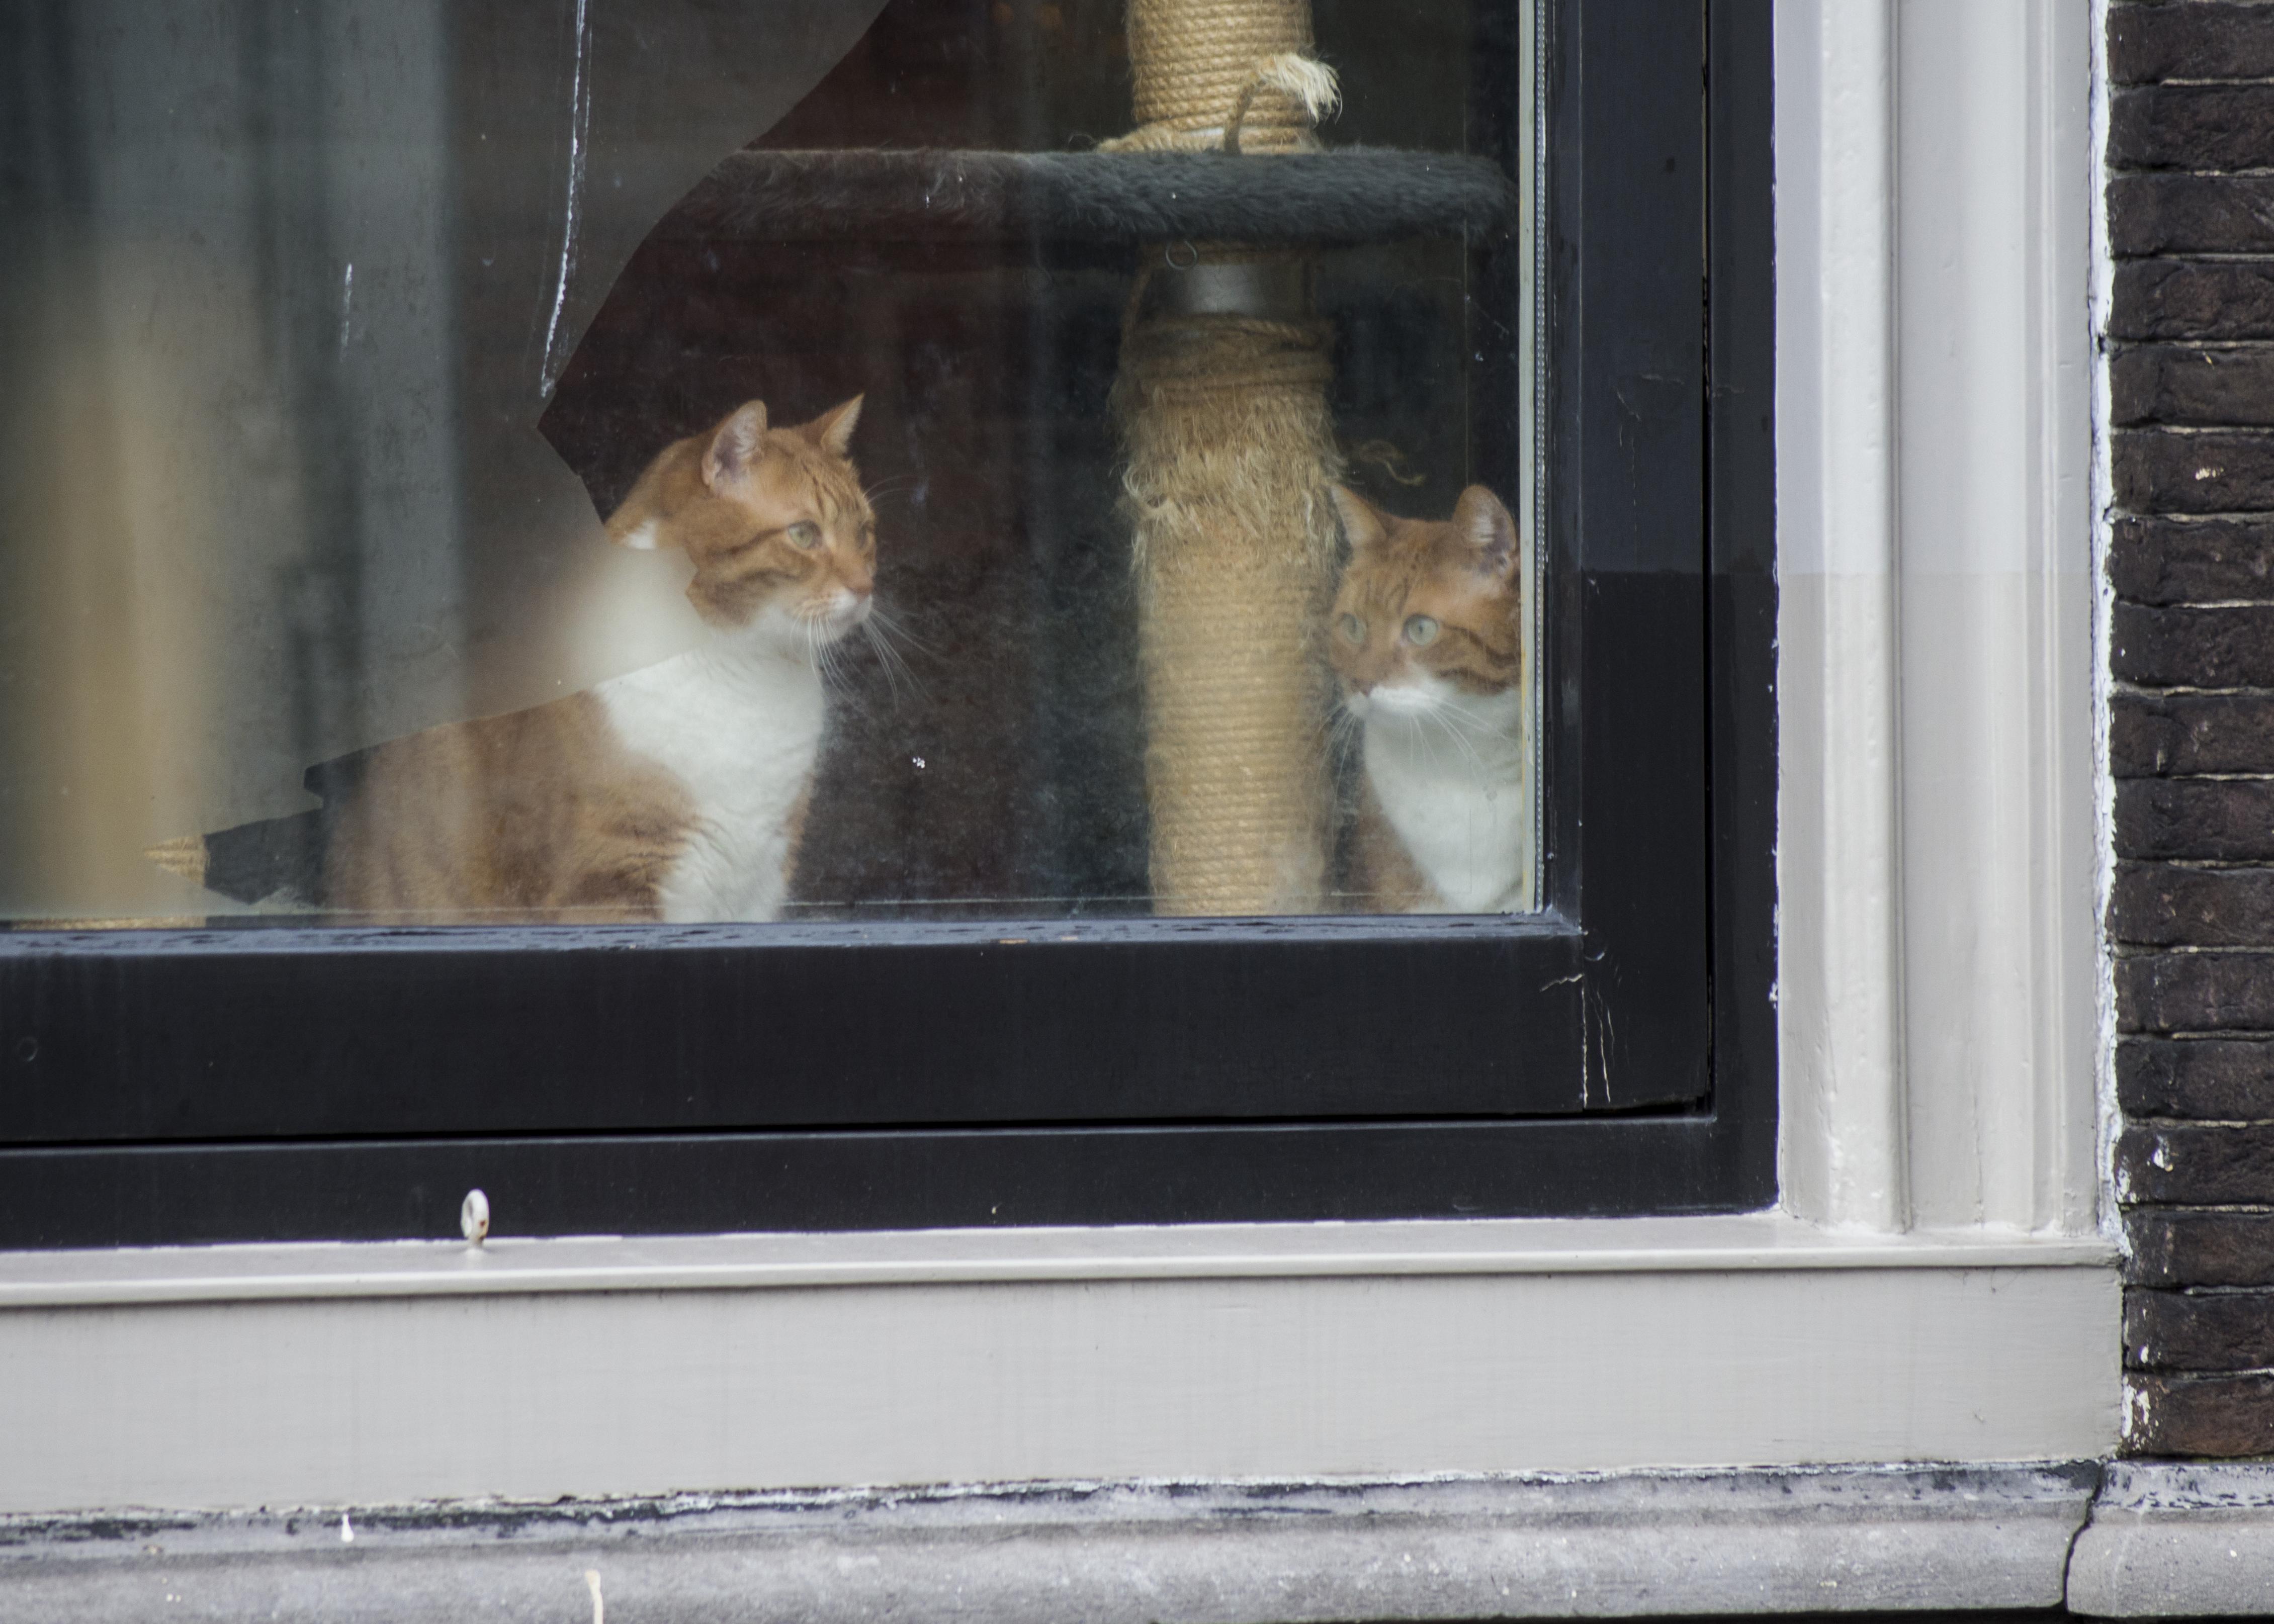 Kostenlose foto : draussen, Fenster, Tier, städtisch, Katze, Nikon ...